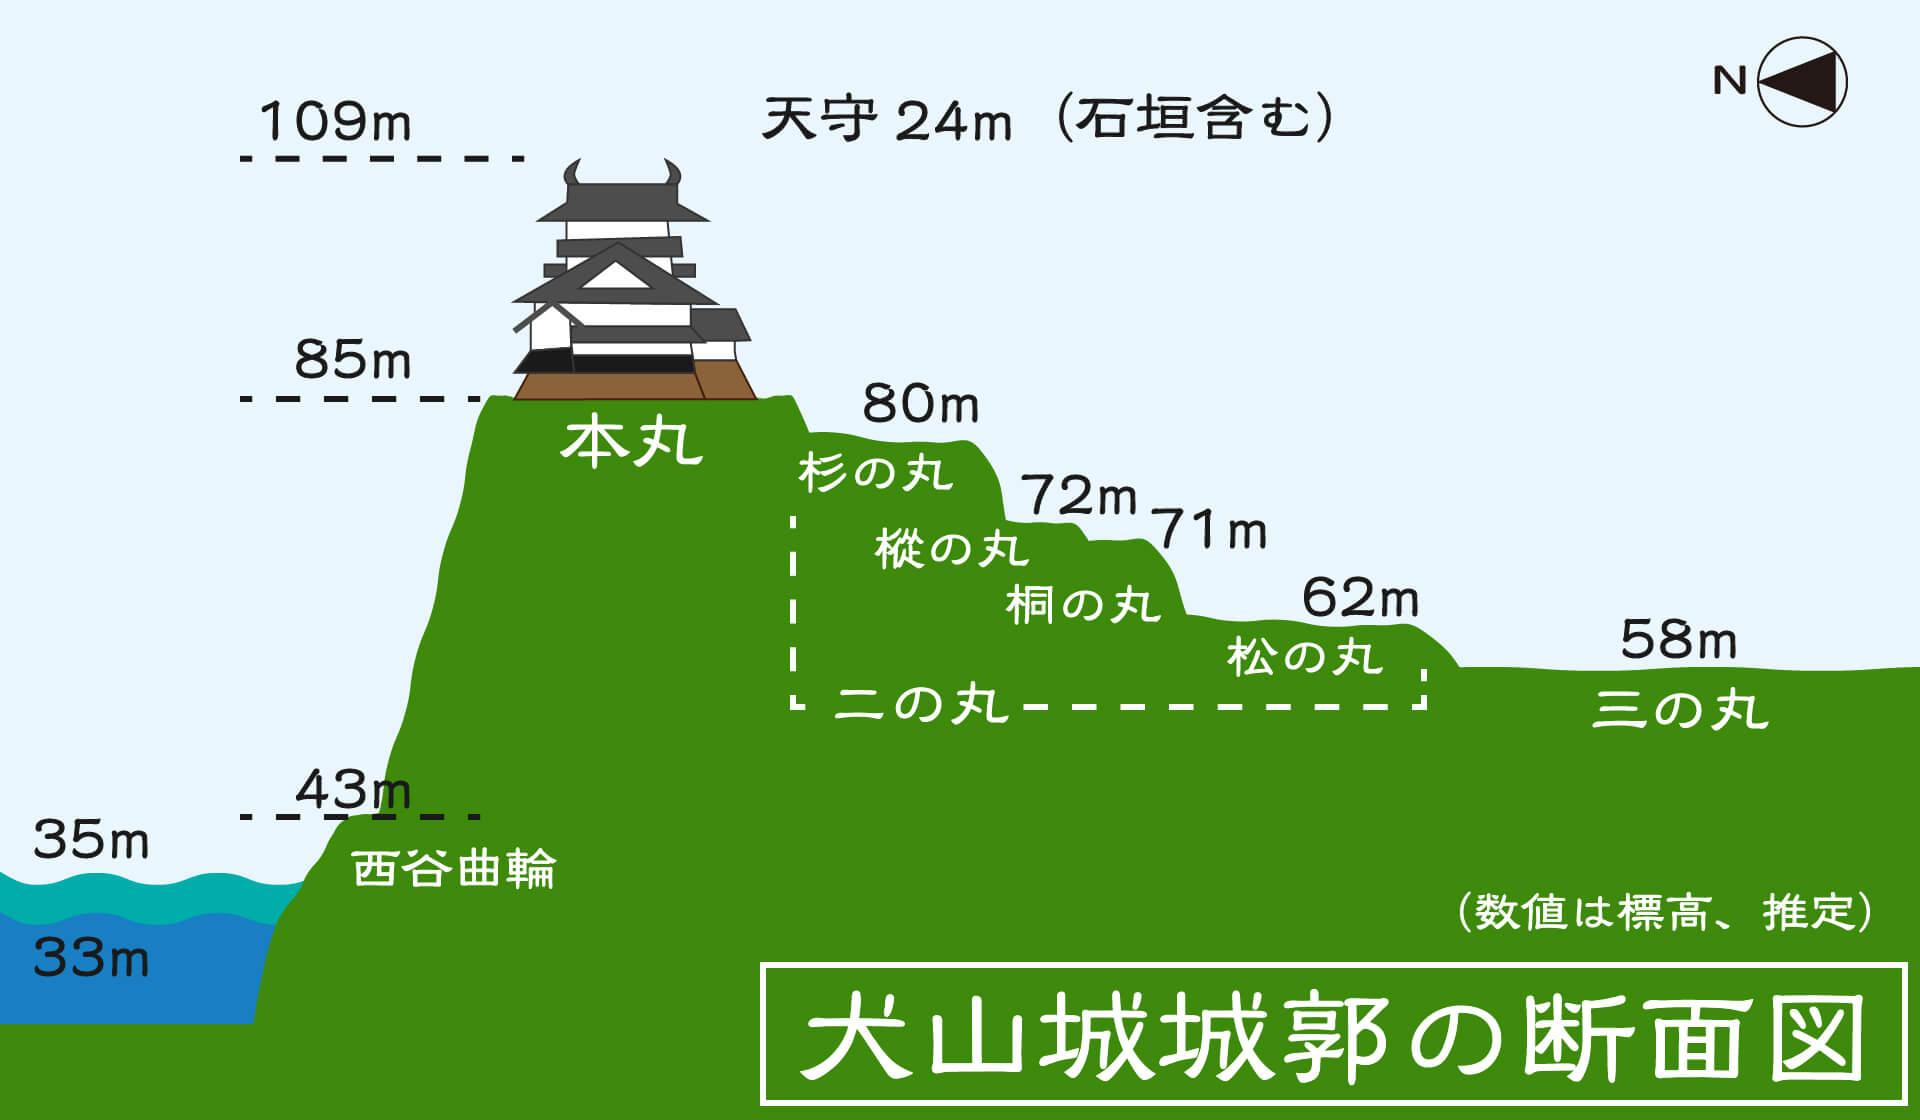 犬山城は後堅固で一二三段の図